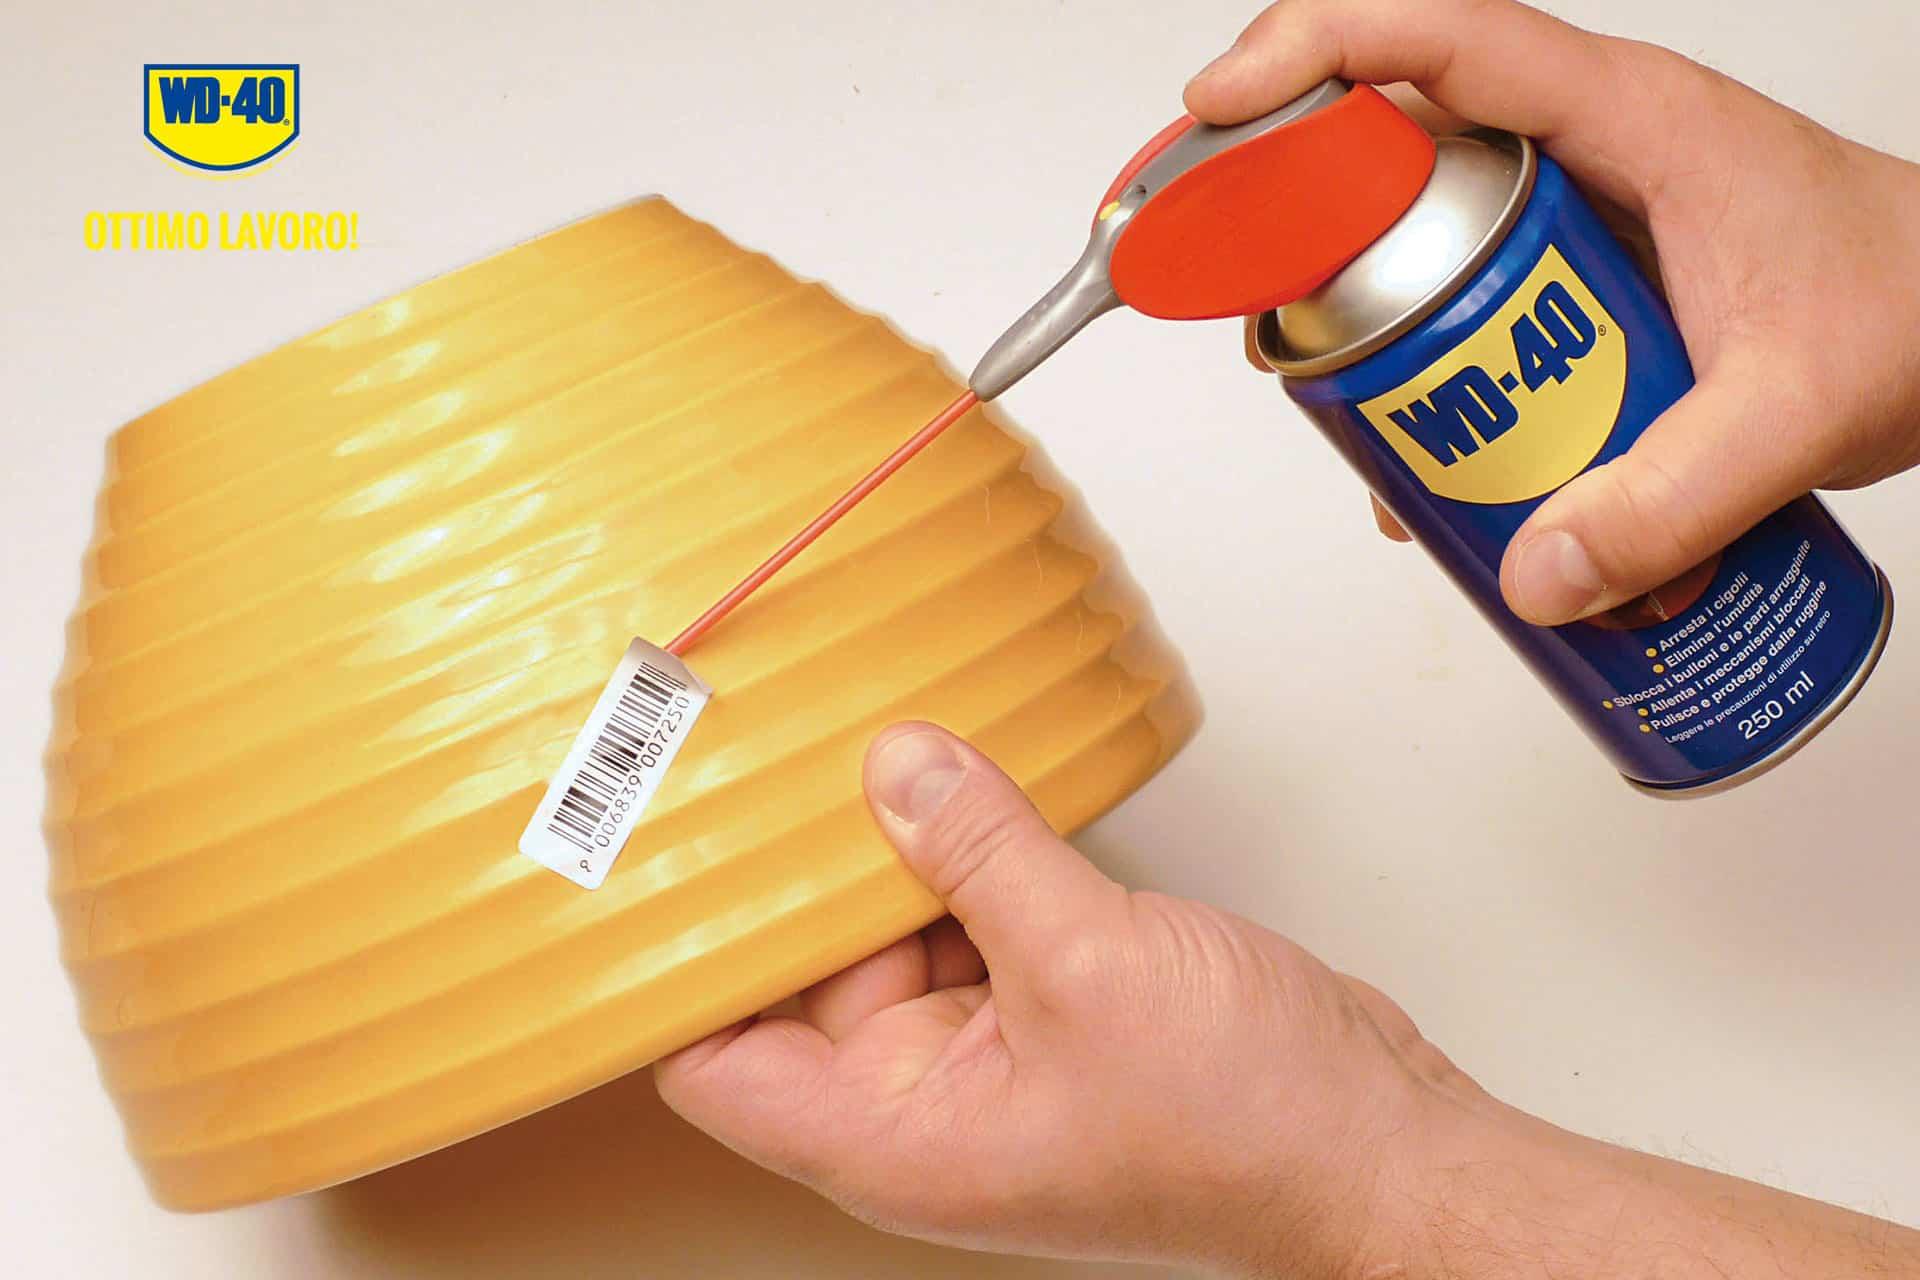 come rimuovere adesivi